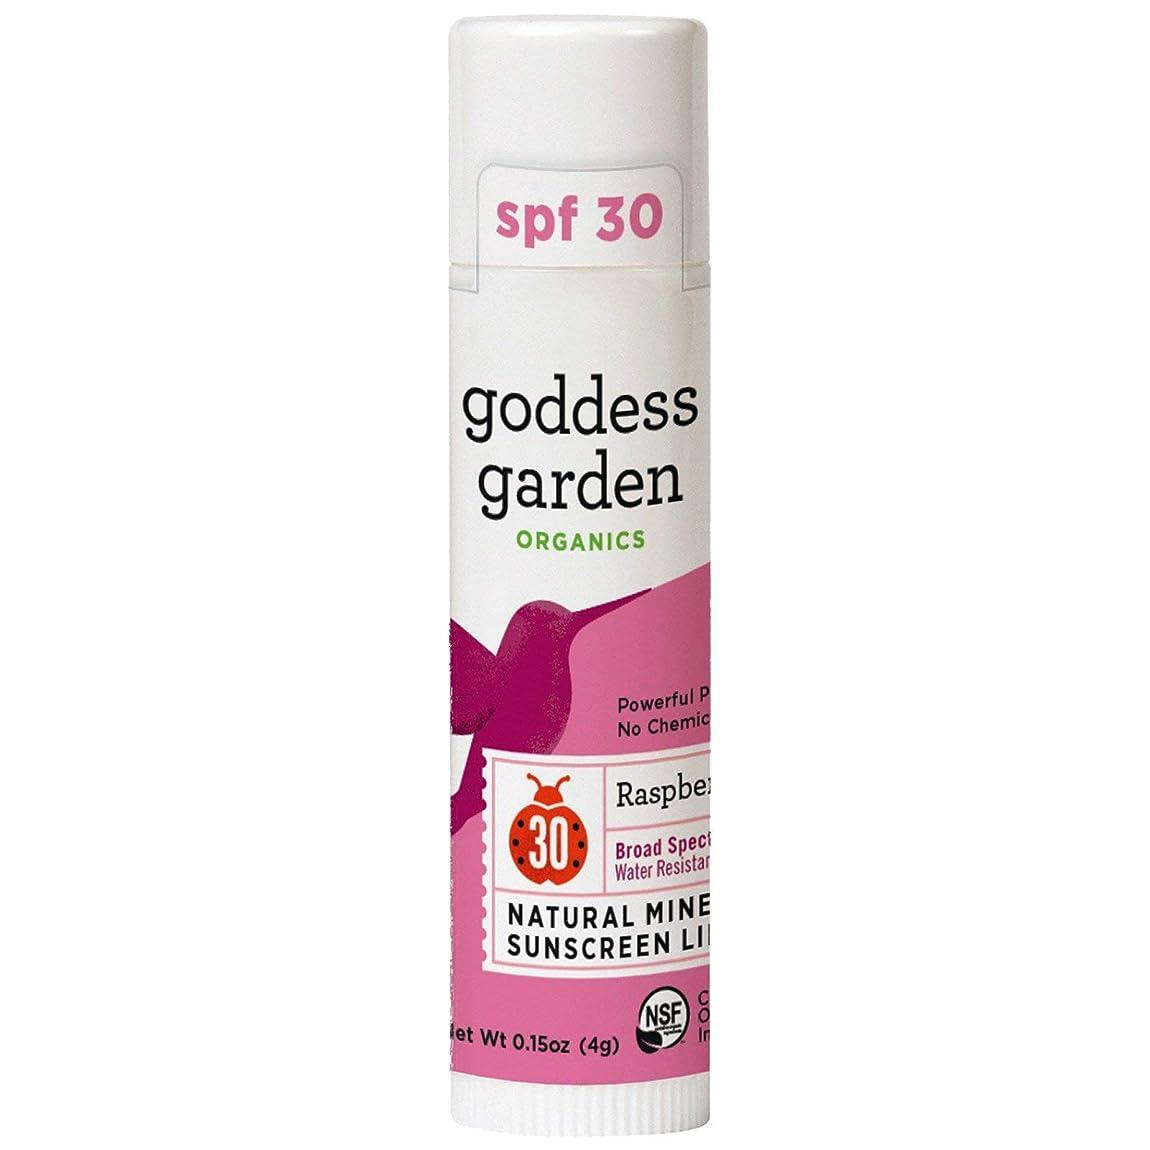 周囲圧縮するいじめっ子Goddess Garden, オーガニック, 天然ミネラル日焼け止めリップバーム, SPF 30, ラズベリー, 0.15 oz (4 g)